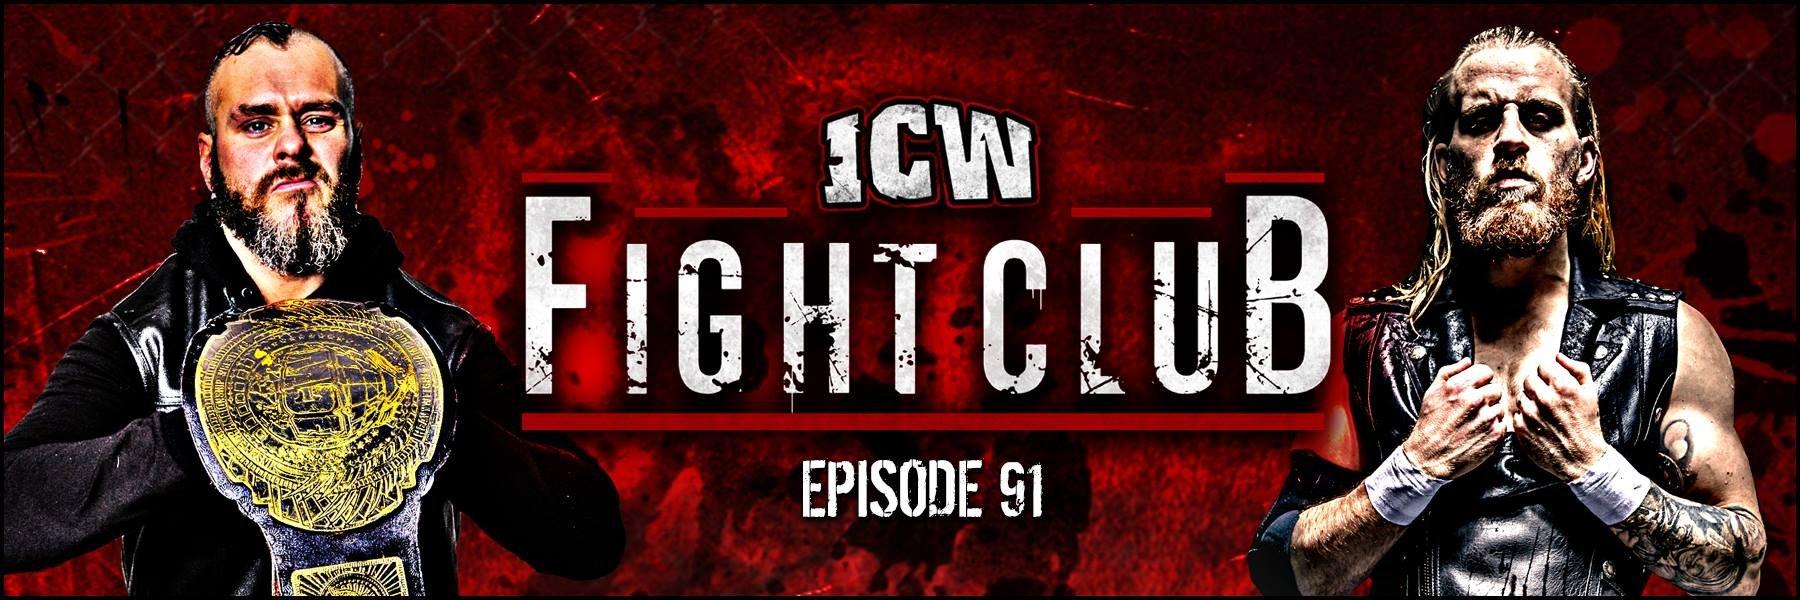 Mark Haskins' ICW debut!